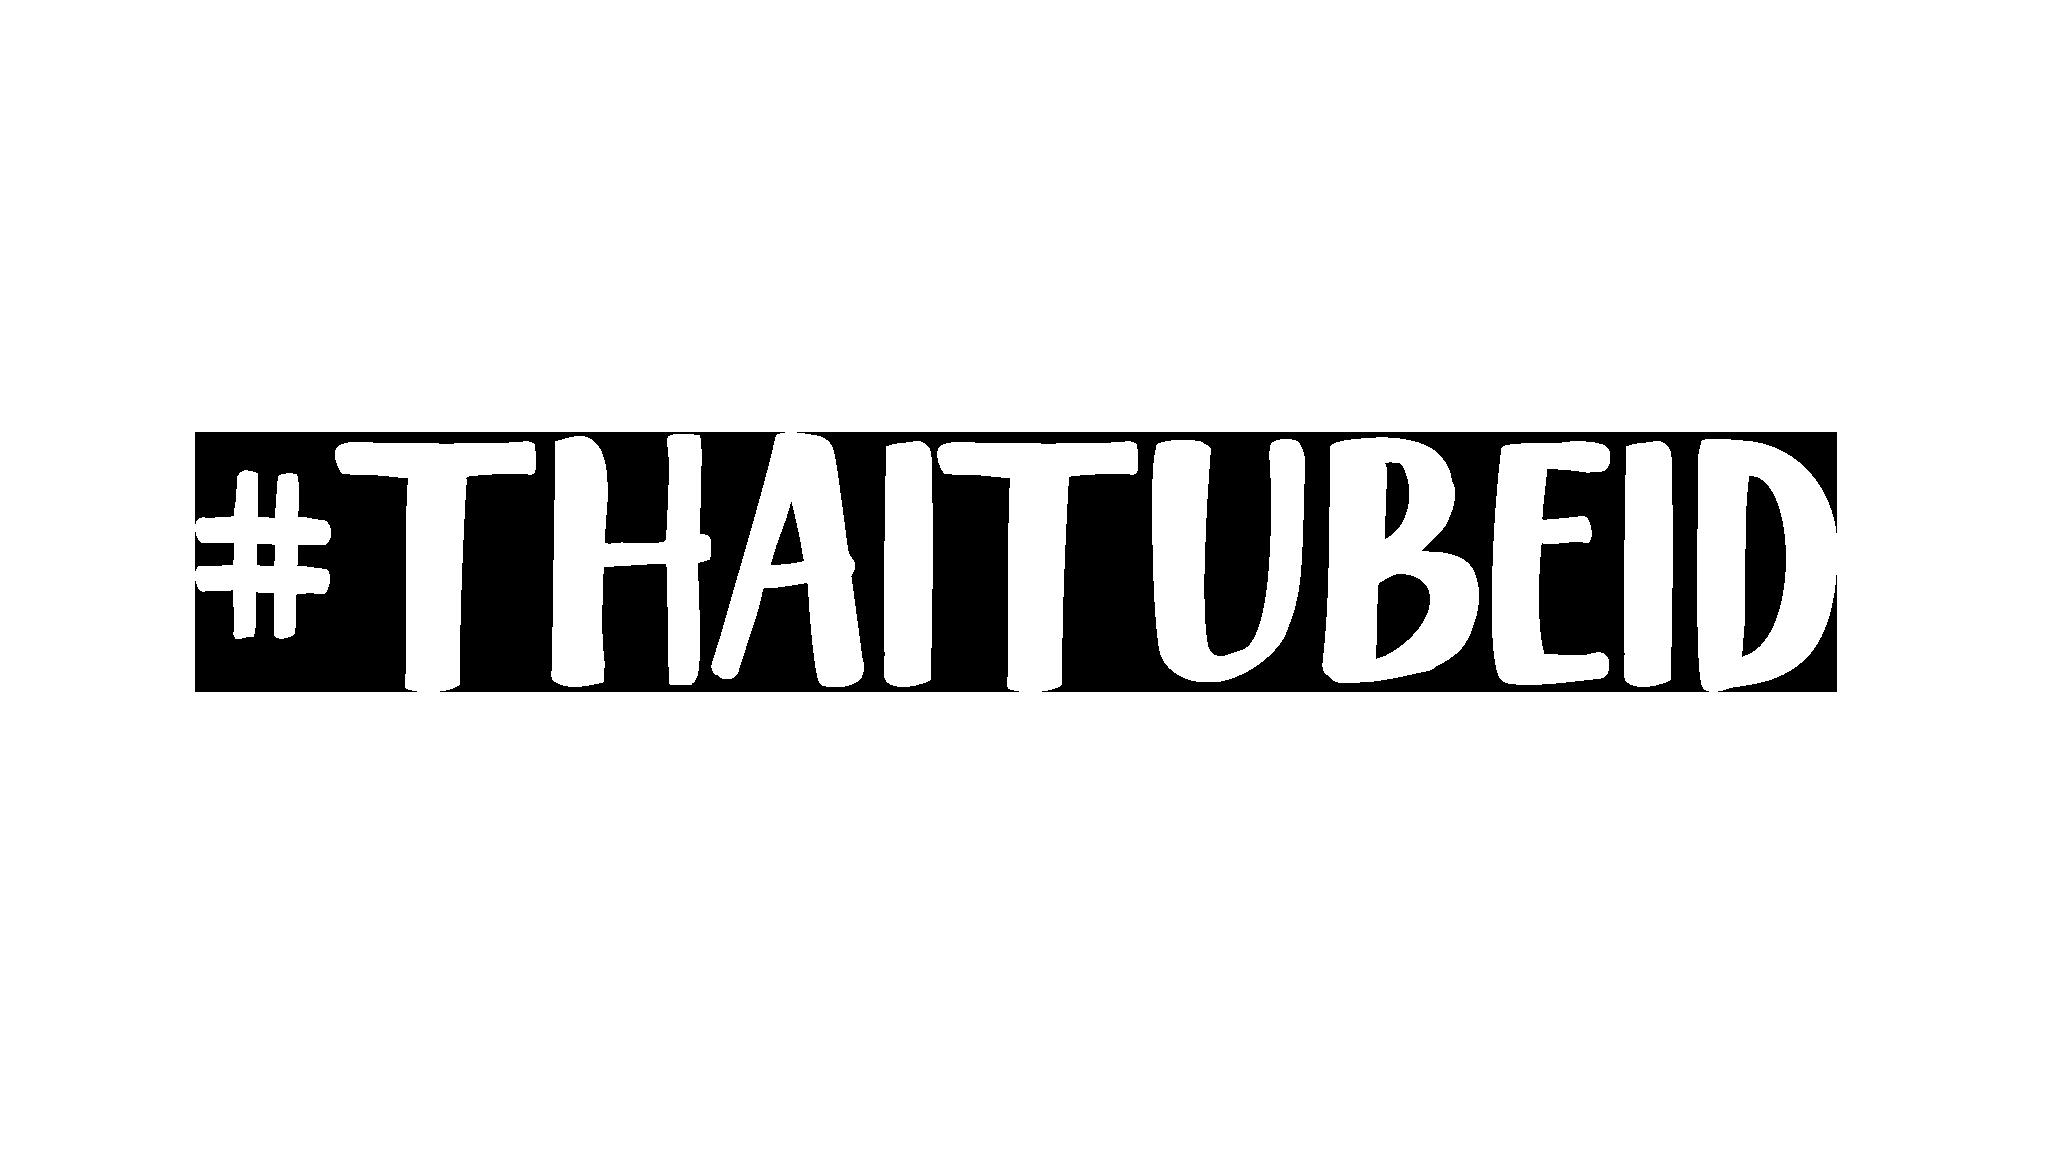 Thai Tube ID